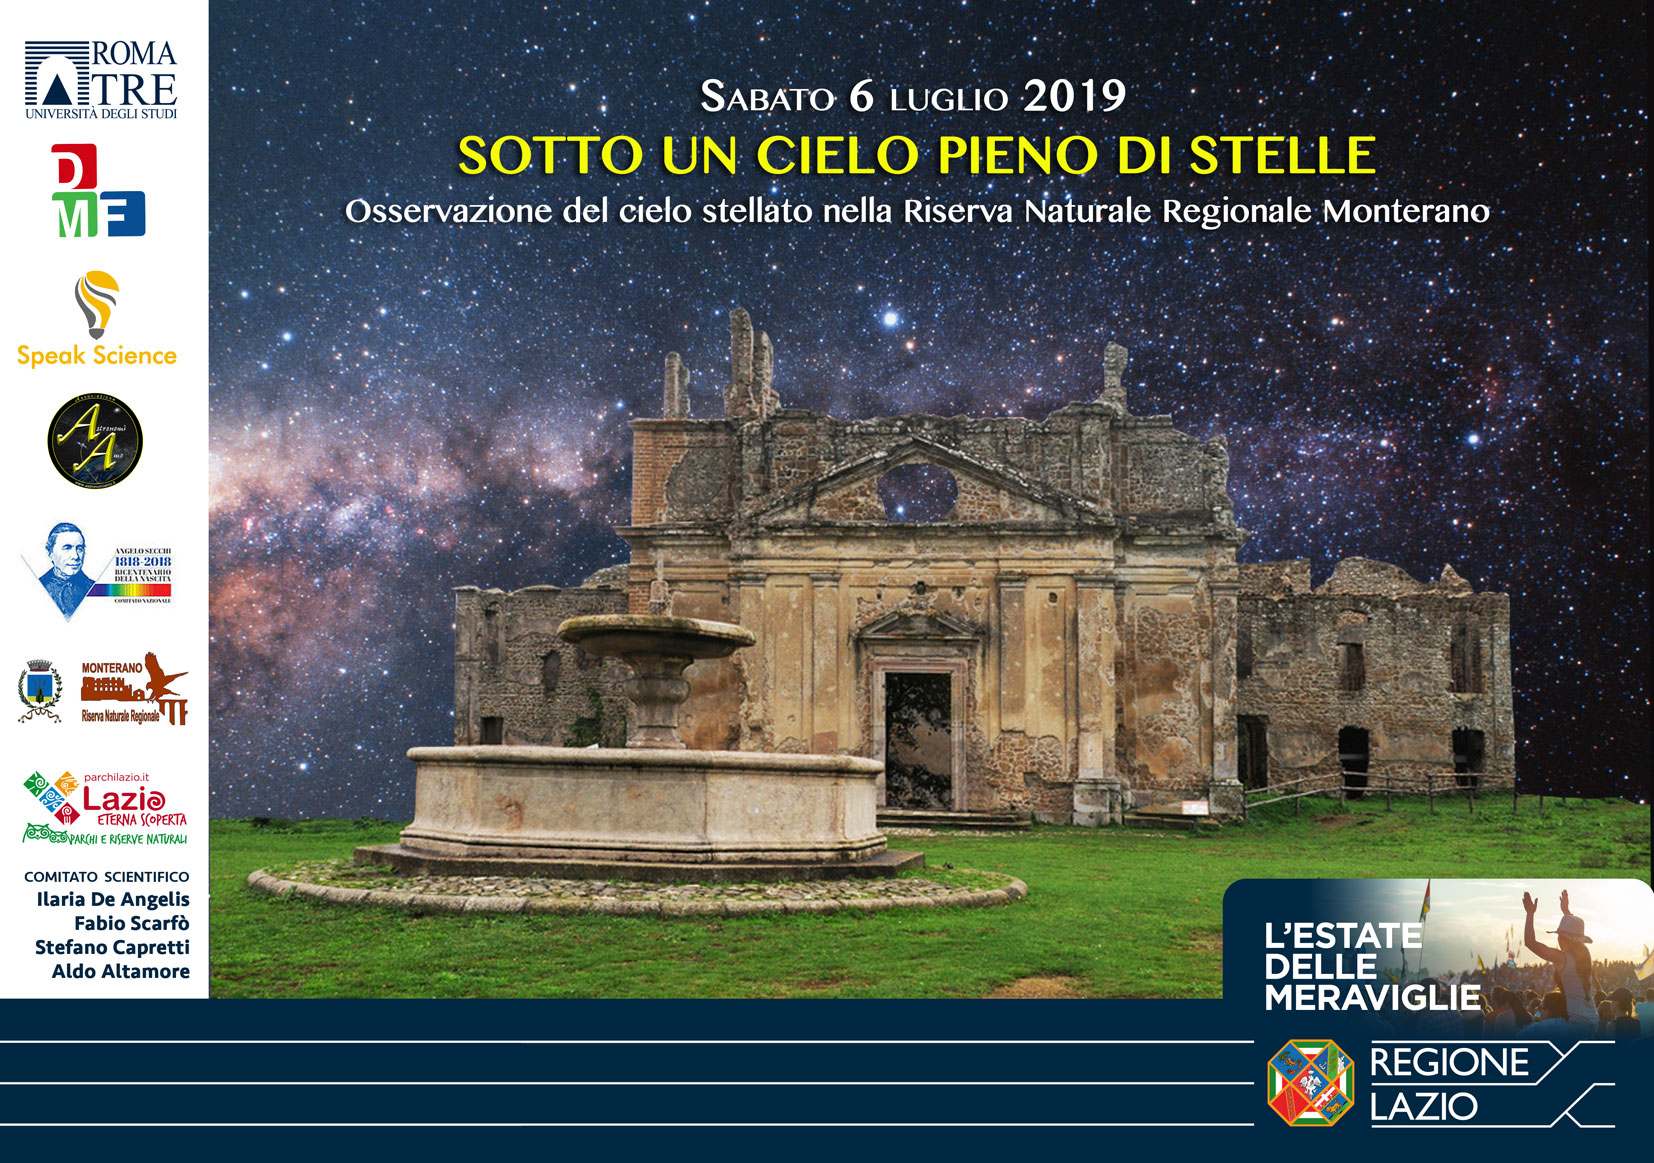 Sotto un cielo pieno di stelle 2019 - Canale Monterano